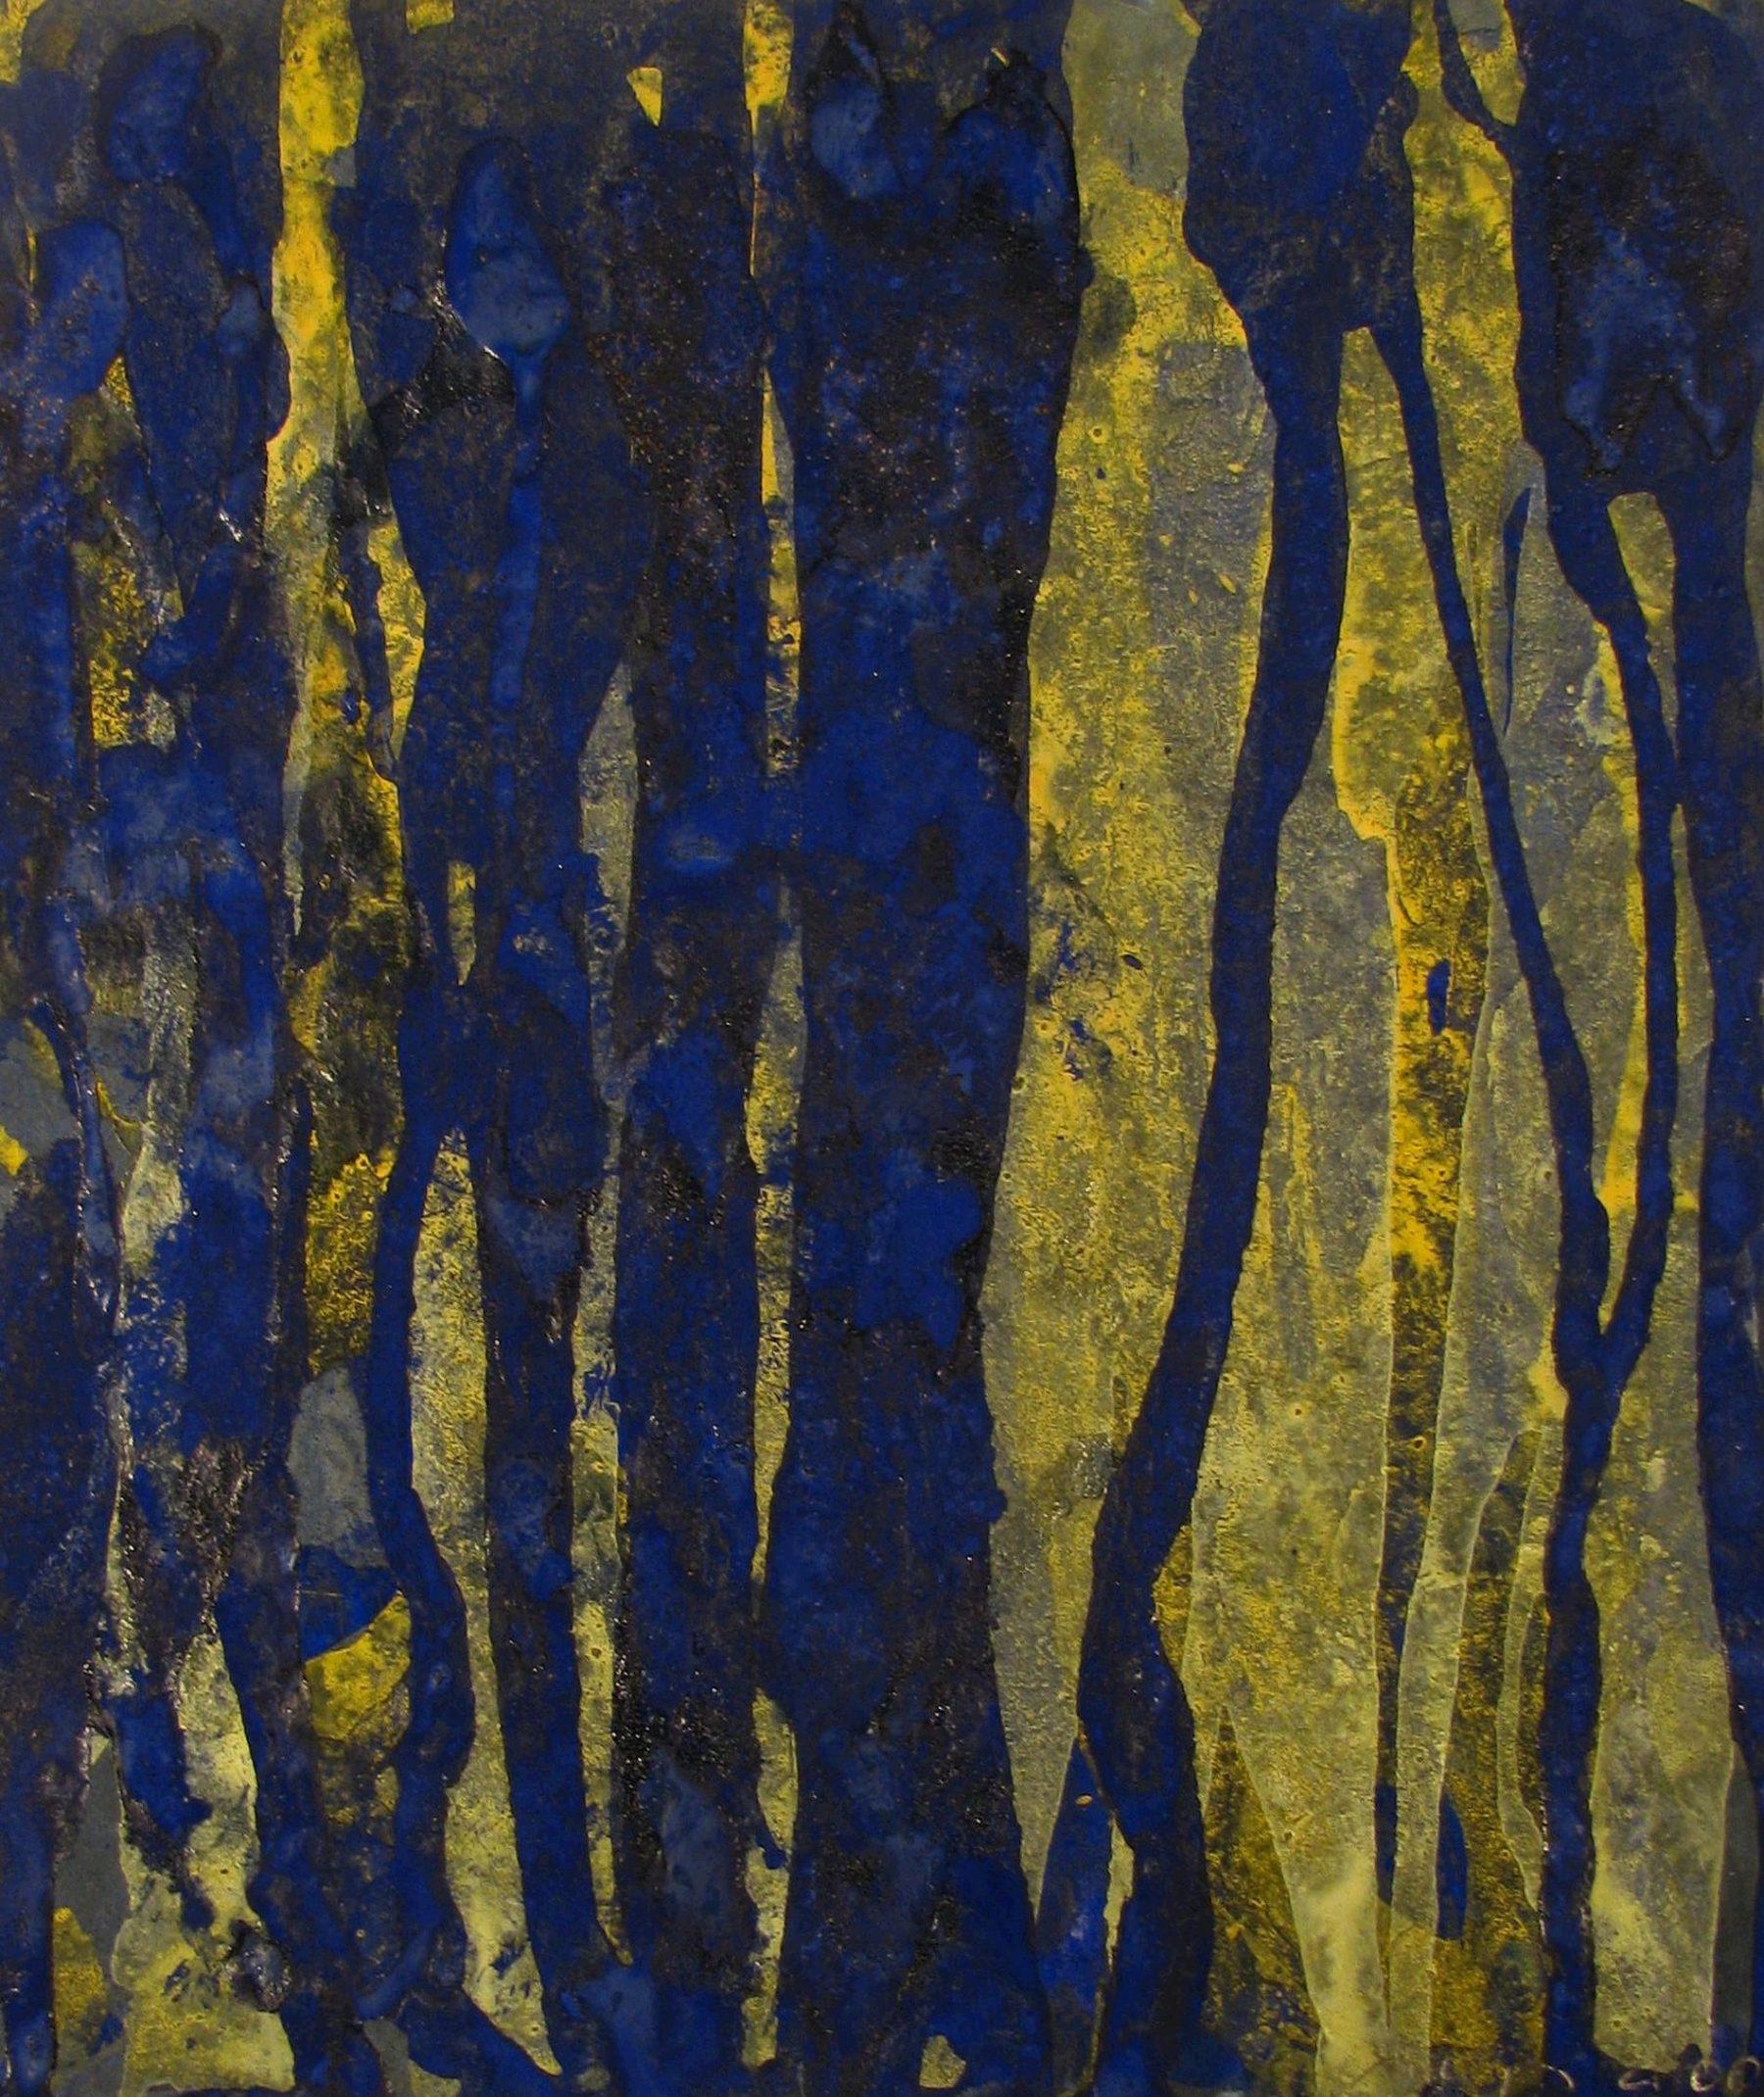 Blue vertical - Dollinger, Simon L. - k-DO04